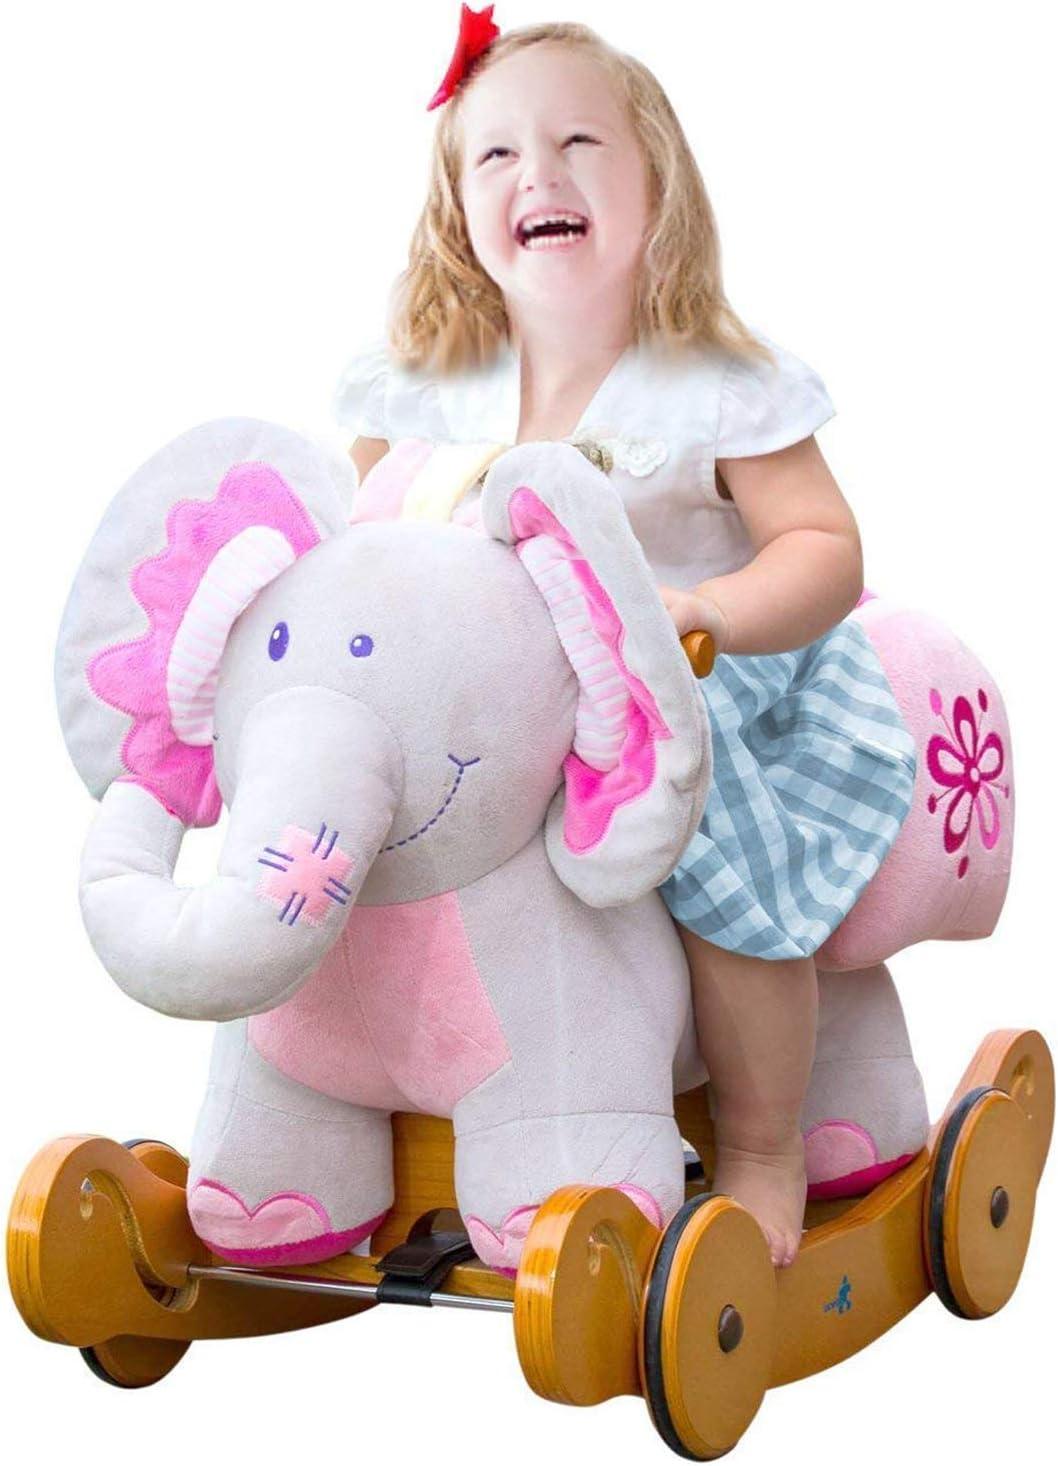 labebe Caballito Balancin Bebé De Elefante Rosado, Caballito Madera con Ruedas De 2 In 1 para Niño De 1-3 Años, Caballito Balancin Bebé Niña/Silla Balancin Bebé/Caballito Balancin Rosa/Caballito Niño